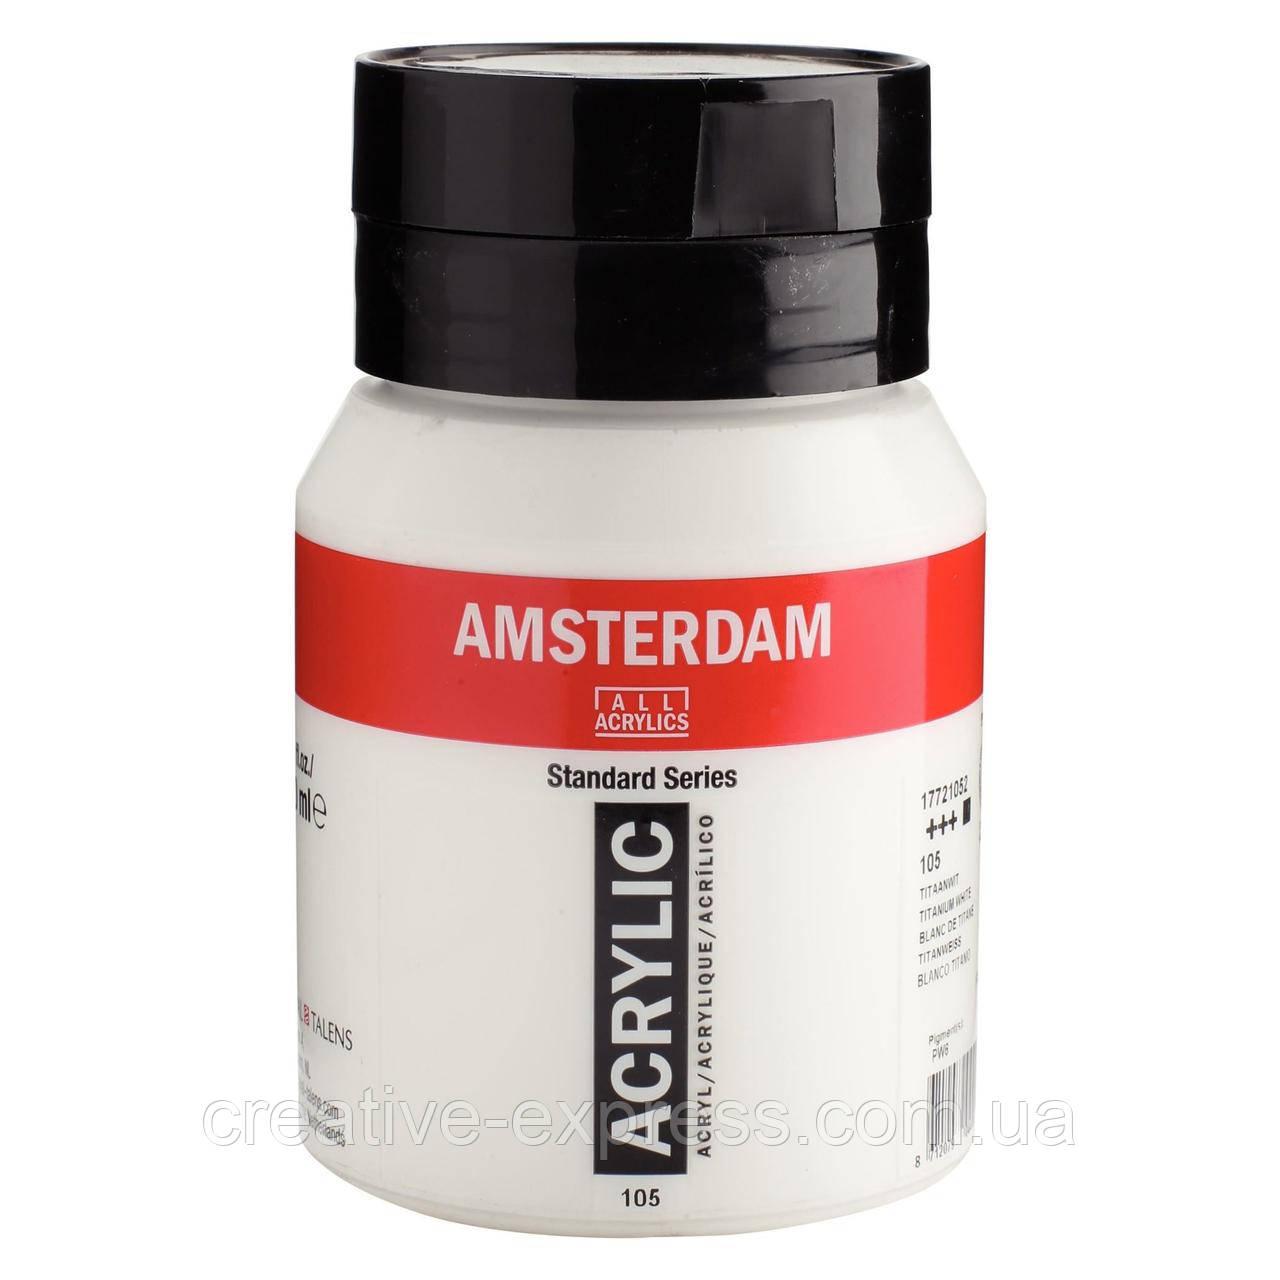 Фарба акрилова AMSTERDAM, (105) Білила титанові, 500 мл, Royal Talens